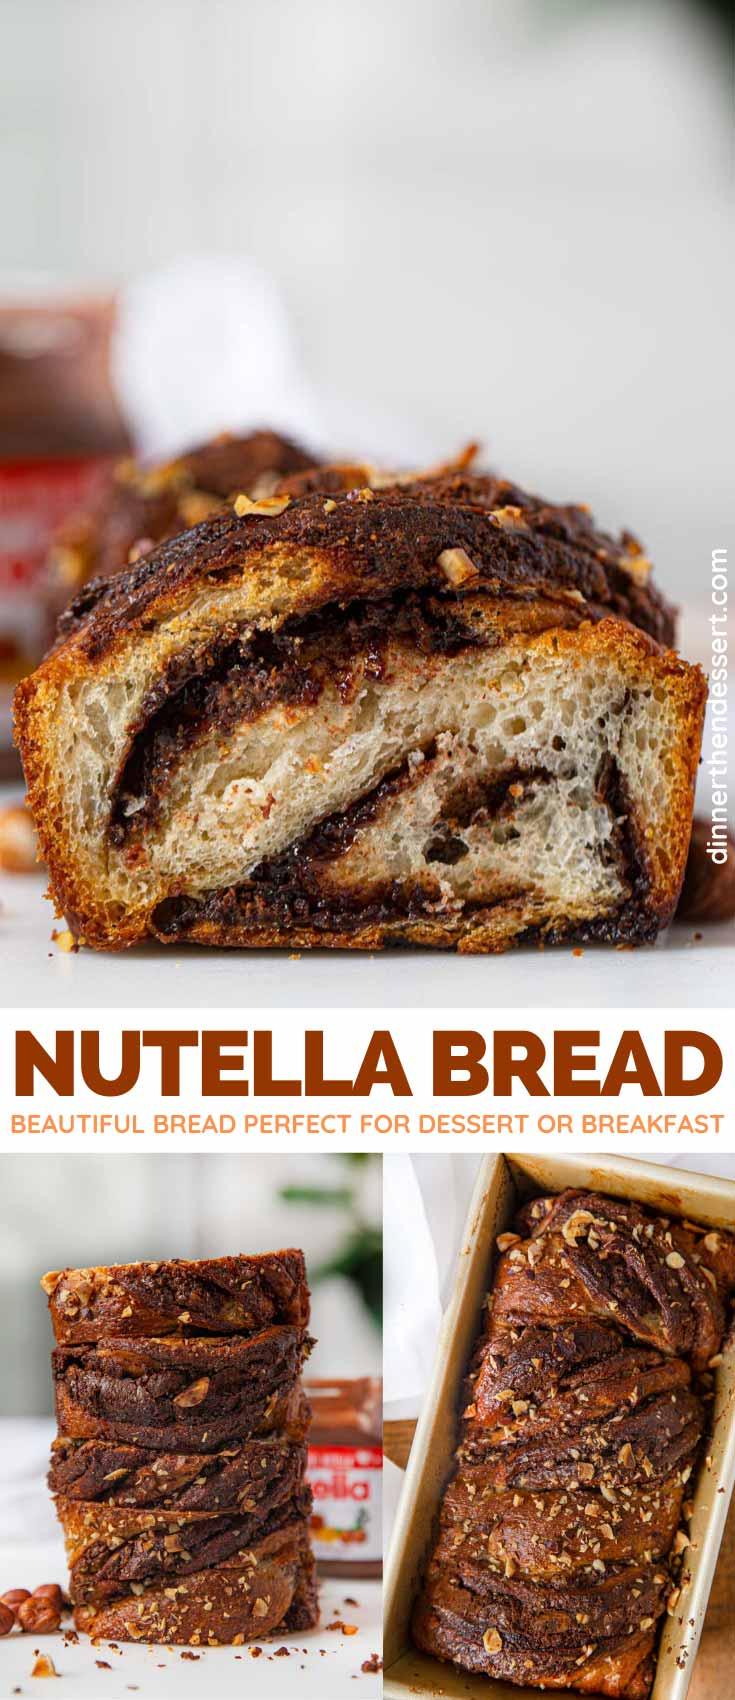 Nutella Bread Recipe (Scratch & Pre-made Recipes) - Dinner ...